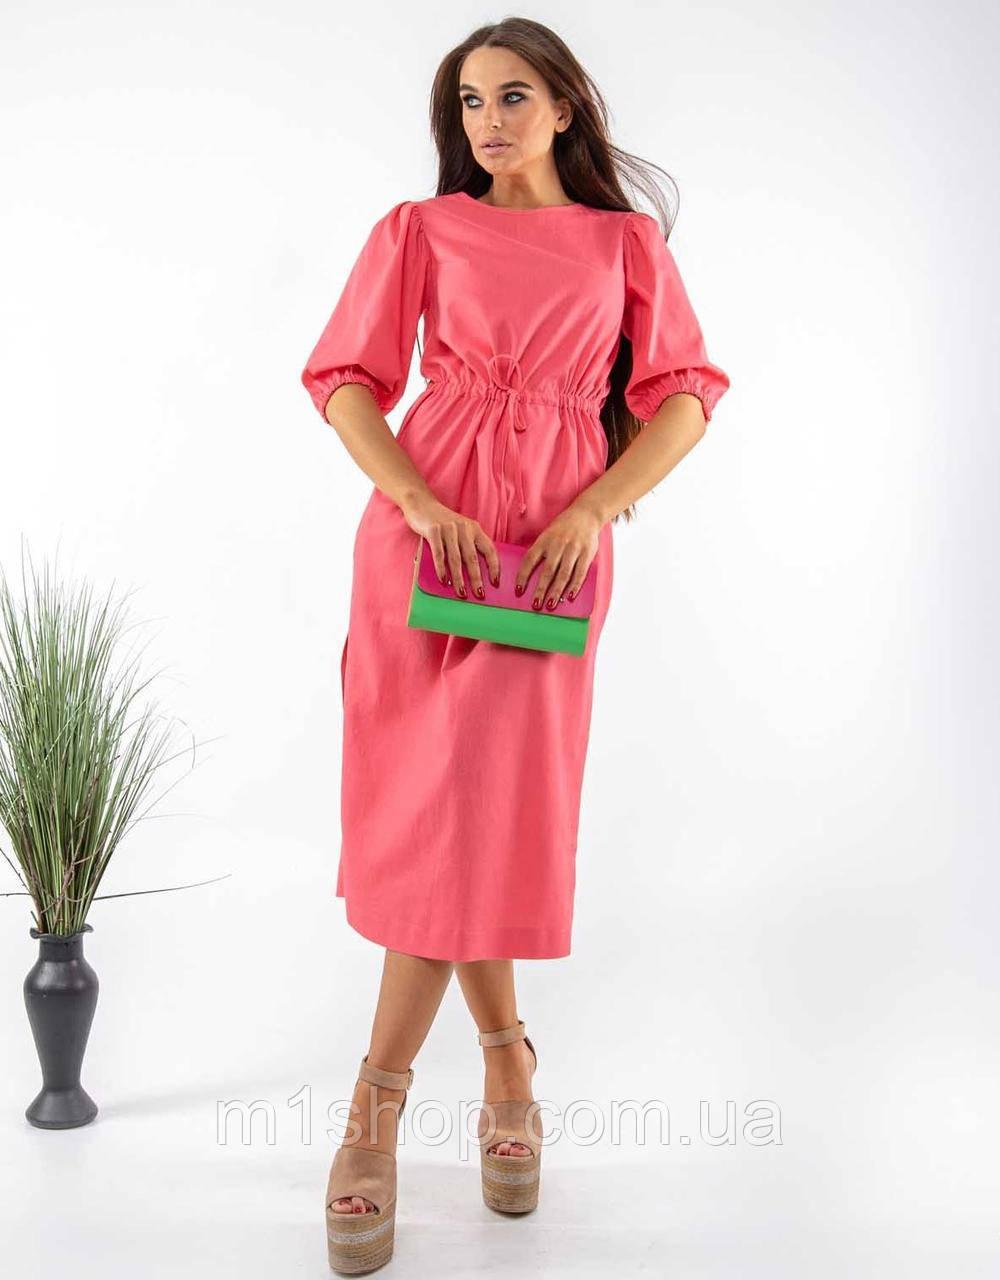 Льняное летнее свободное платье миди с кулиской на талии (Глоу ri)